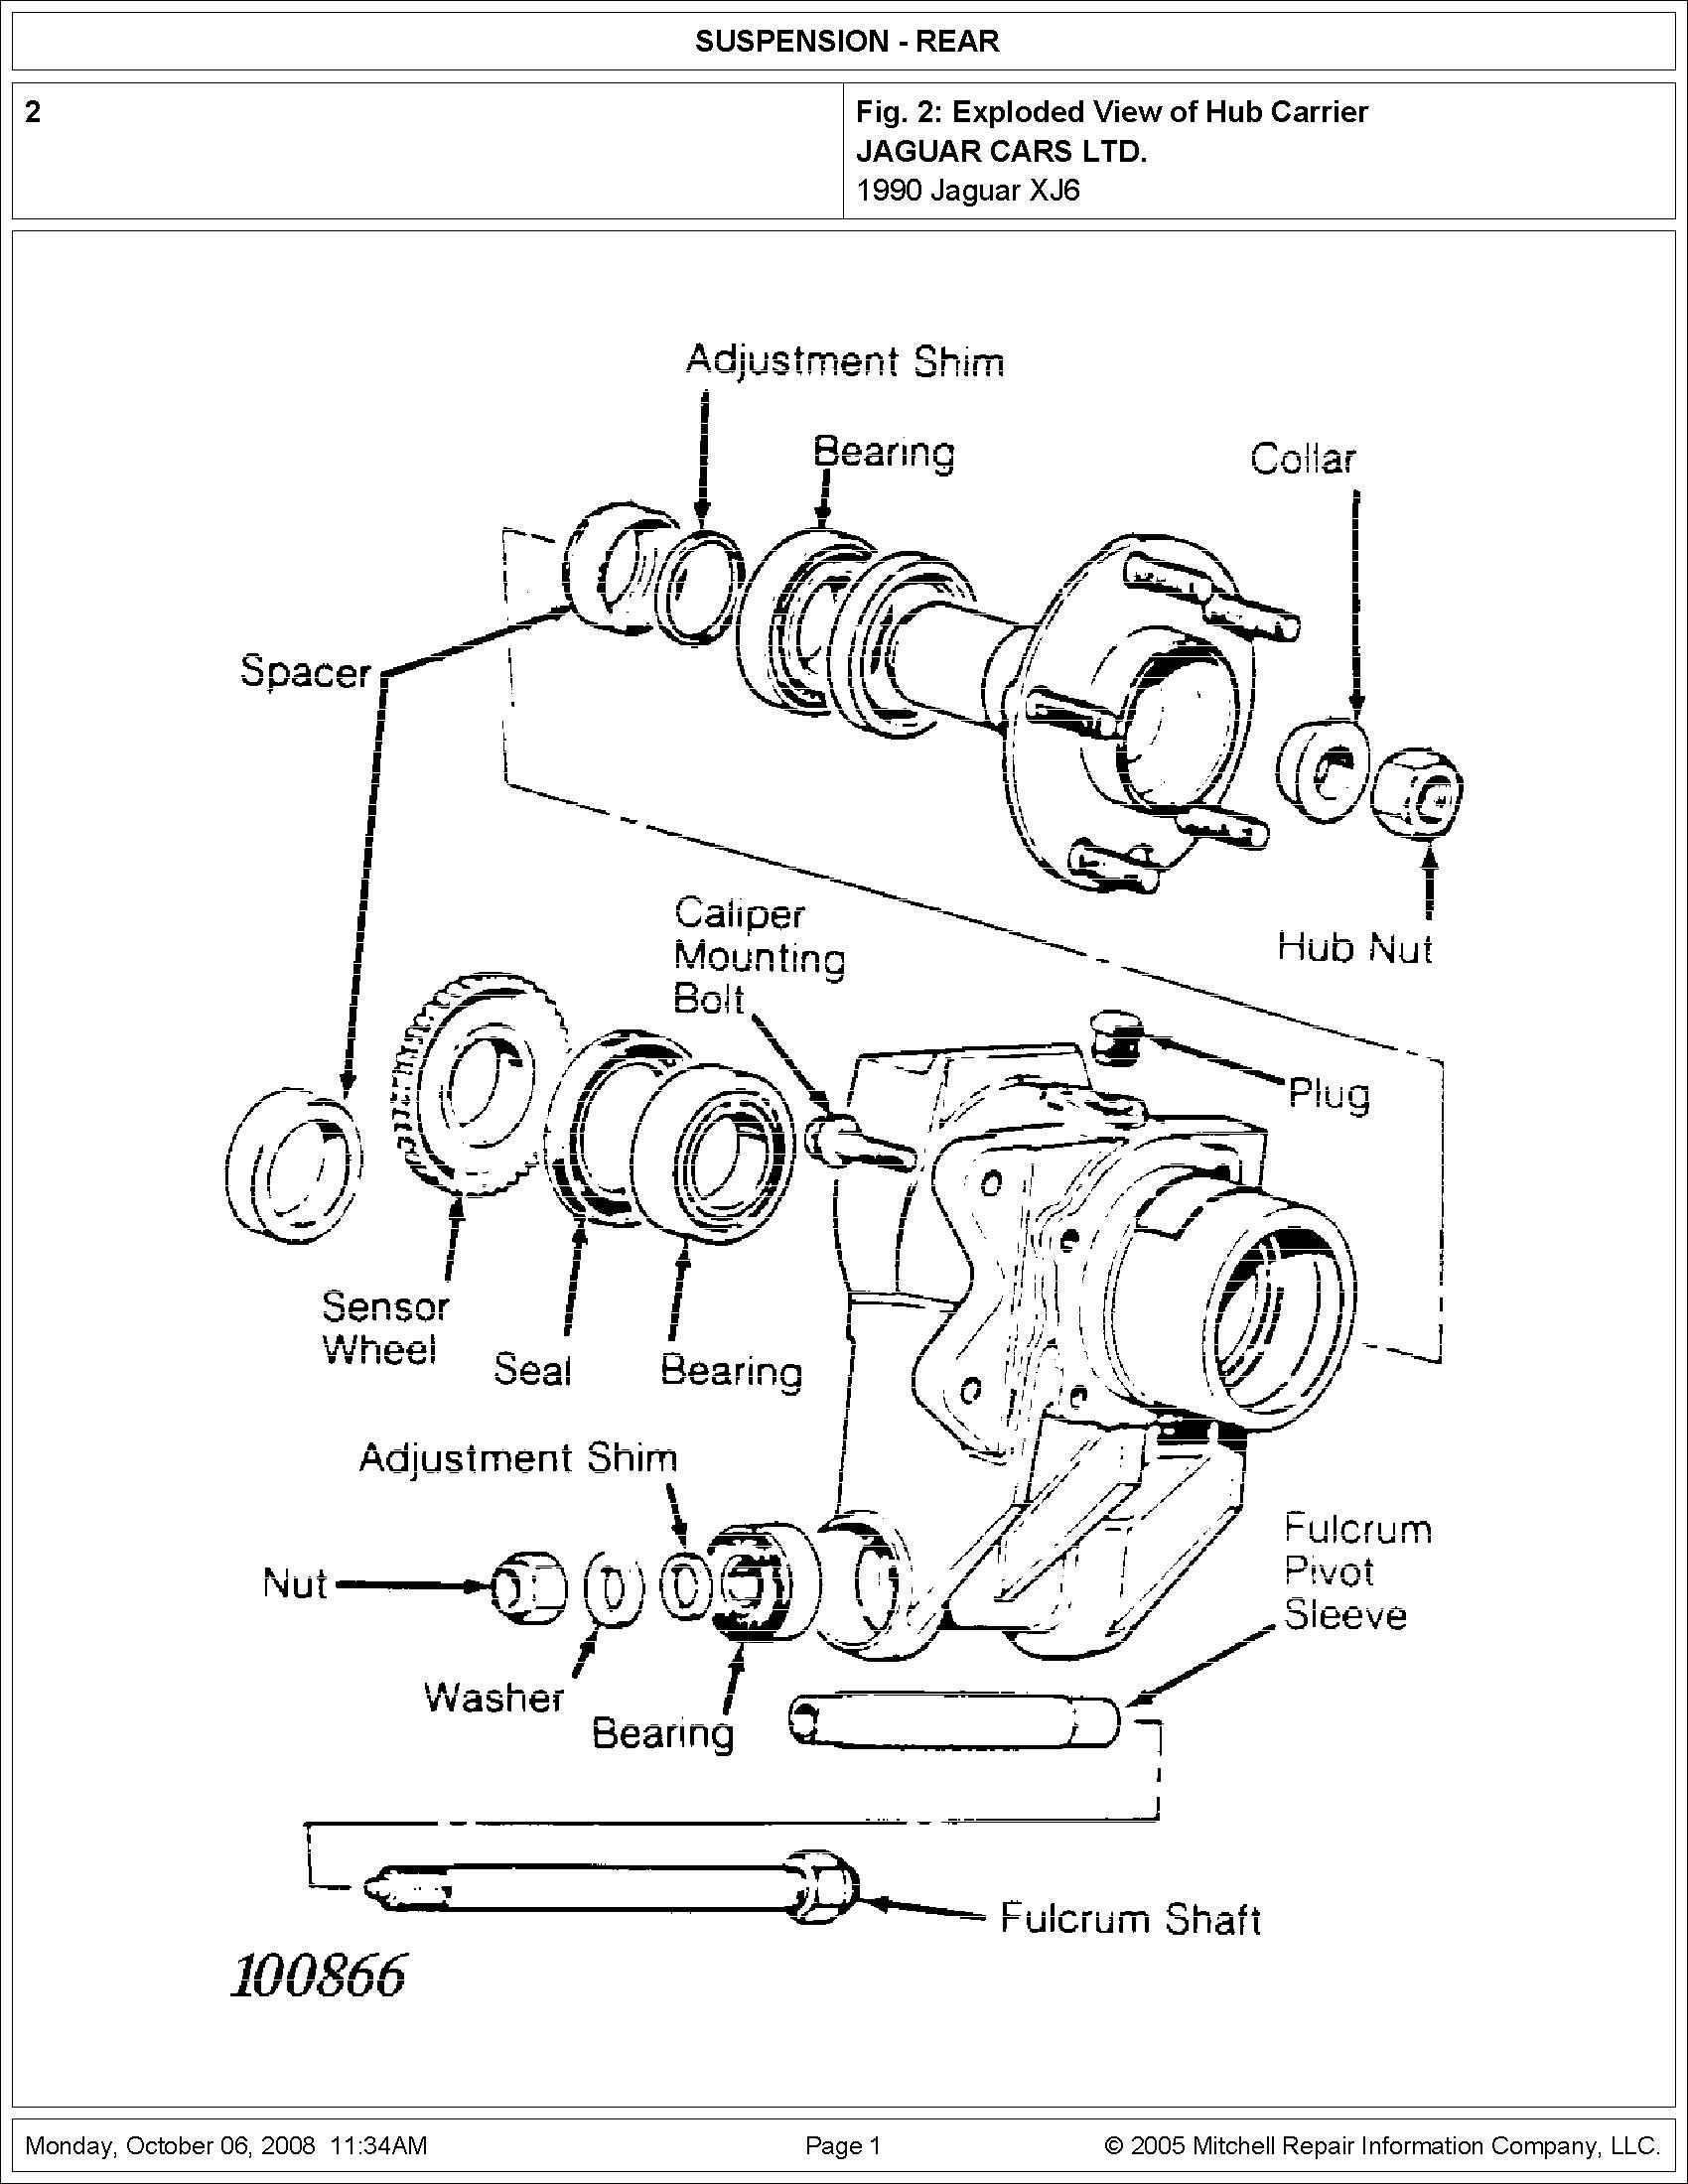 i want to rebuild my 1990 xj6 left rear hub assembly  i